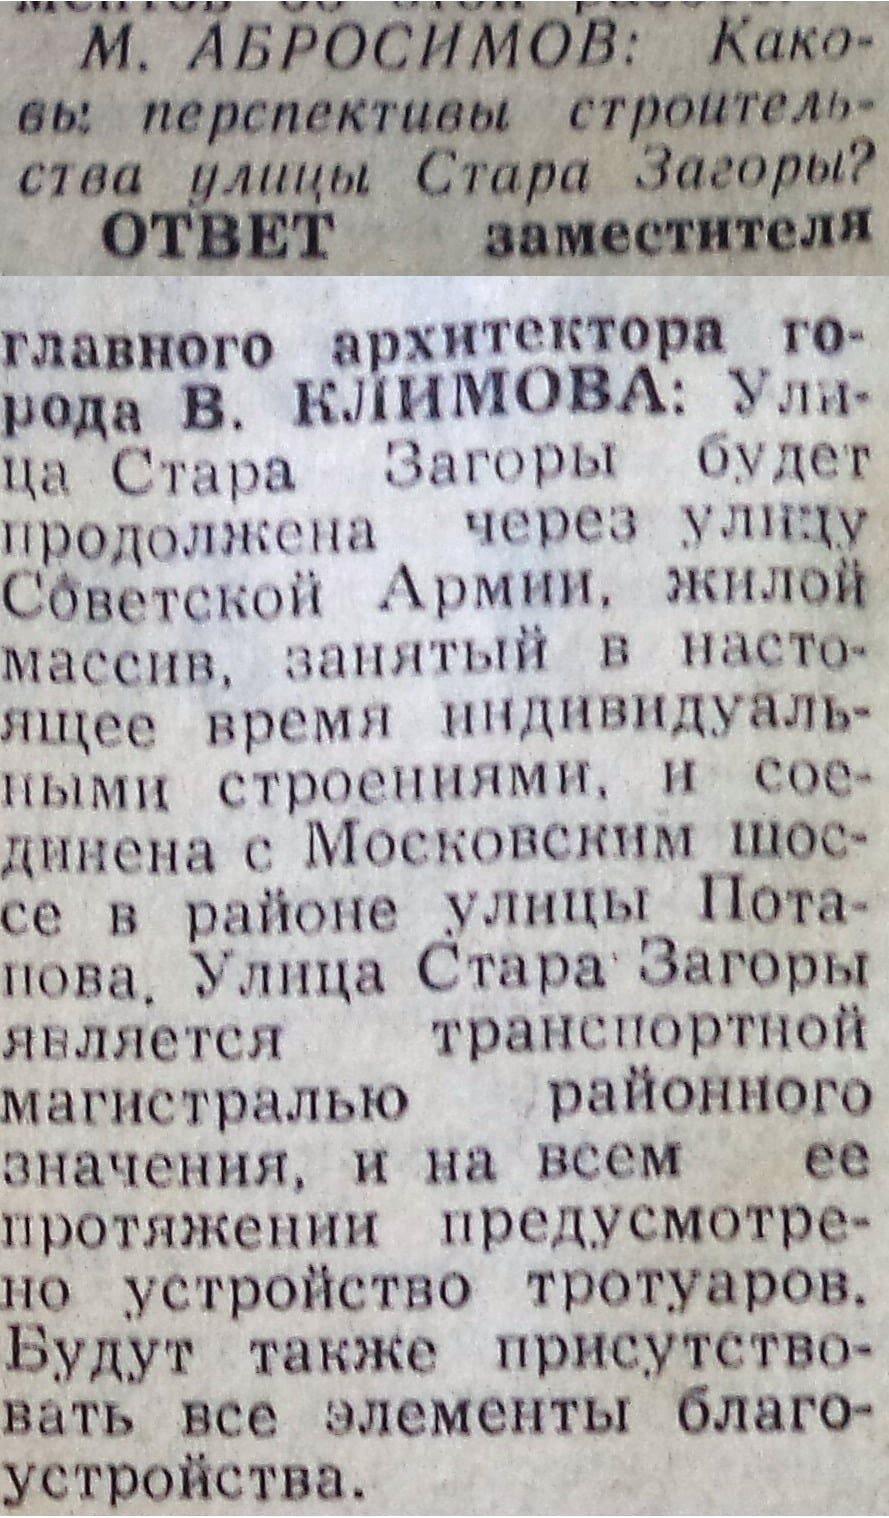 Стара Загора-ФОТО-146-ВЗя-1978-04-15-перспективы застройки СЗ-min